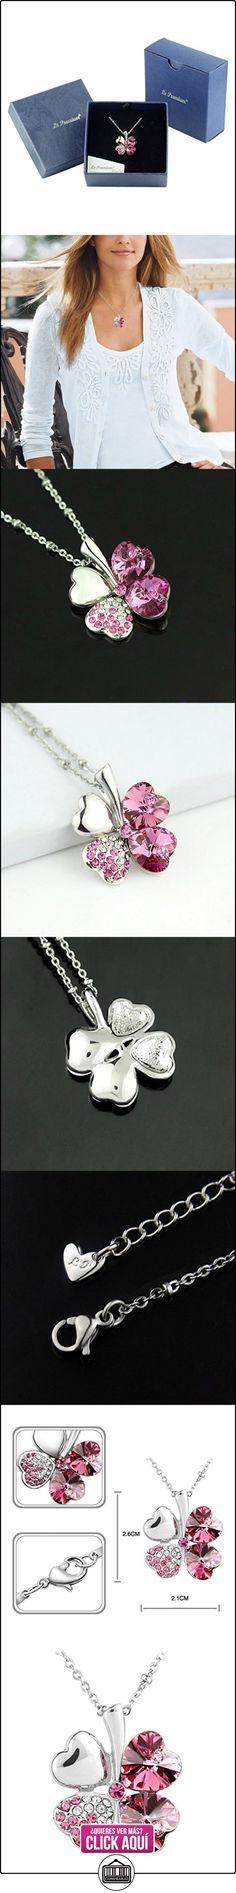 Le Premium - Collar con dije de con cristal swarovski rosa chapado en oro blanco  ✿ Joyas para mujer - Las mejores ofertas ✿ ▬► Ver oferta: http://comprar.io/goto/B007SLVV5C